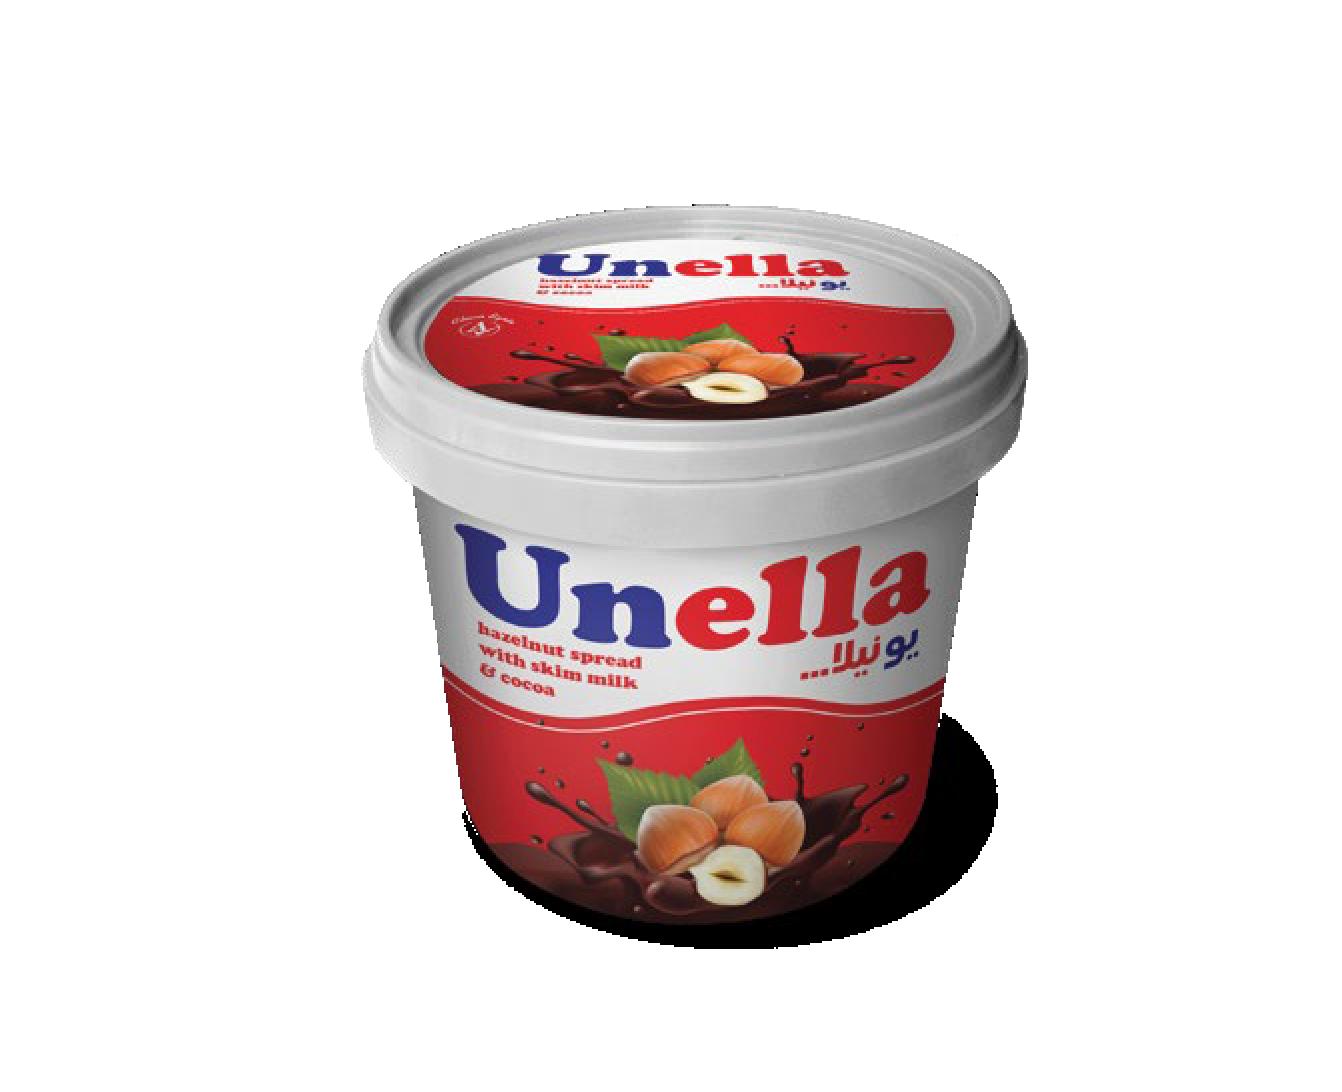 Liquid chocolate, Unila